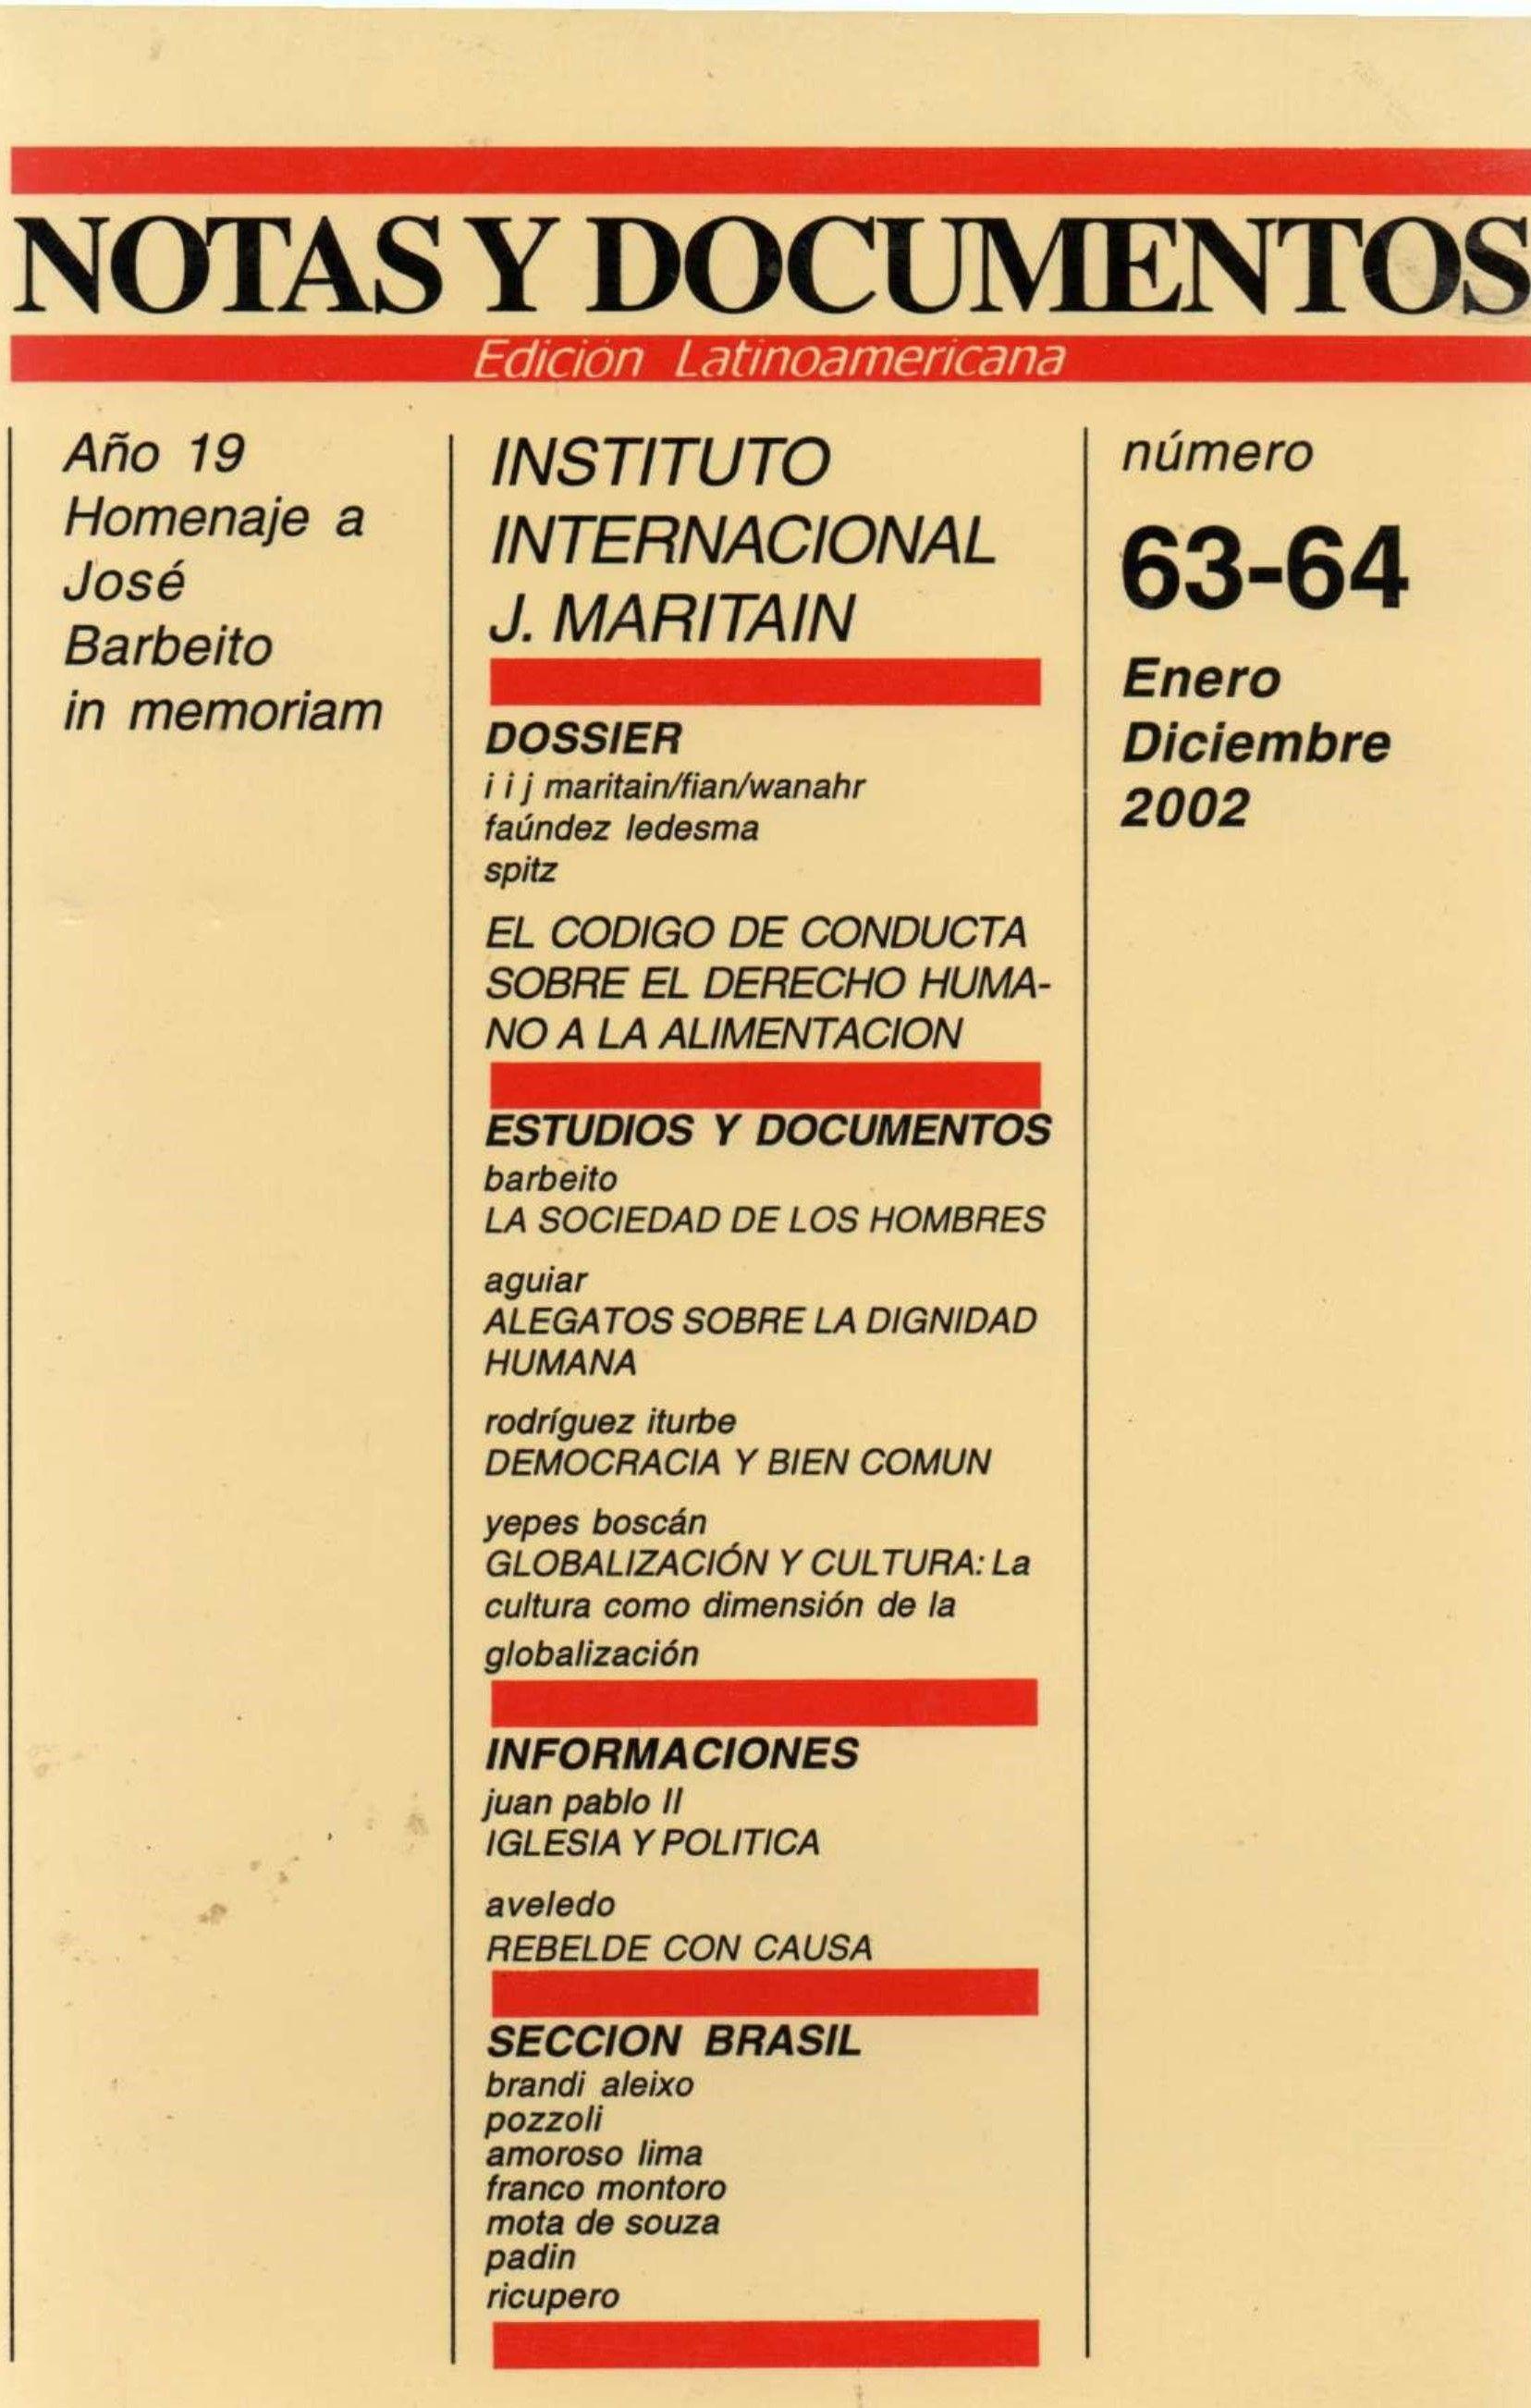 Notas y Documentos - Venezuela -  N 63-64 - Enero-Dicembre